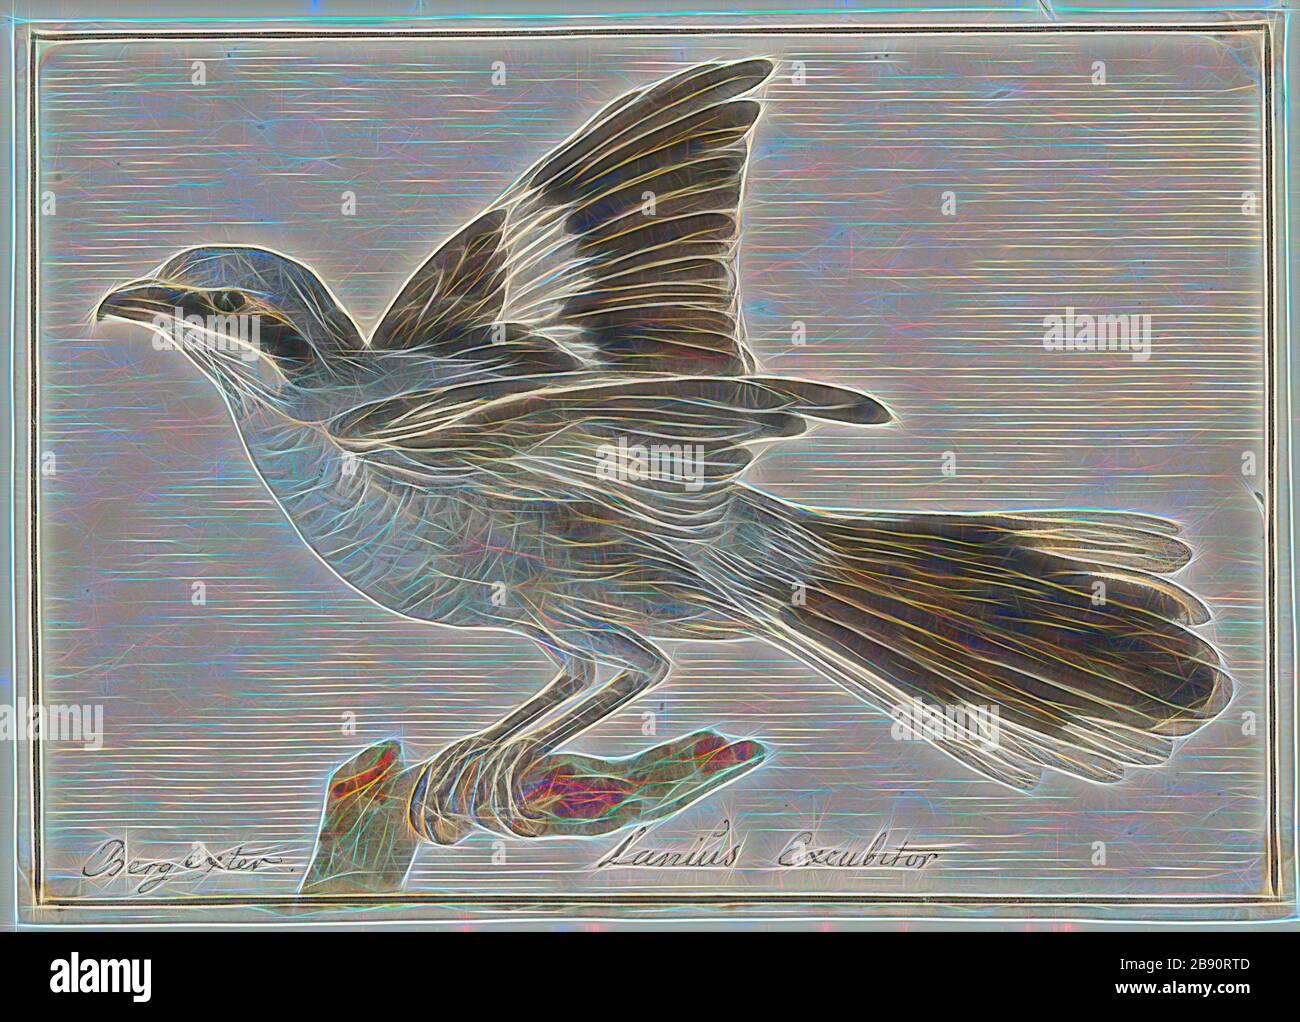 Lanius excubitor, Print, la gran gambas gris (Lanius excubitor), conocida como la gambas del norte de América del Norte, es una gran especie de aves canoras de la familia de los gambas (Laniidae). Forma una superespecie con sus parientes parátricos del sur, el camarón gris ibérico (L. meridionalis), el camarón gris chino (L. sphenocerus) y el camarón de cabeza de cengala (L. ludovicianus). Los machos y las hembras son similares en plumaje, de color gris nacarado por encima con una máscara de ojos negra y bajo las partes blancas., 1753-1834, Reimaged by Gibon, diseño de brillo alegre cálido y rayos de luz. Arte clásico reinventado w Foto de stock